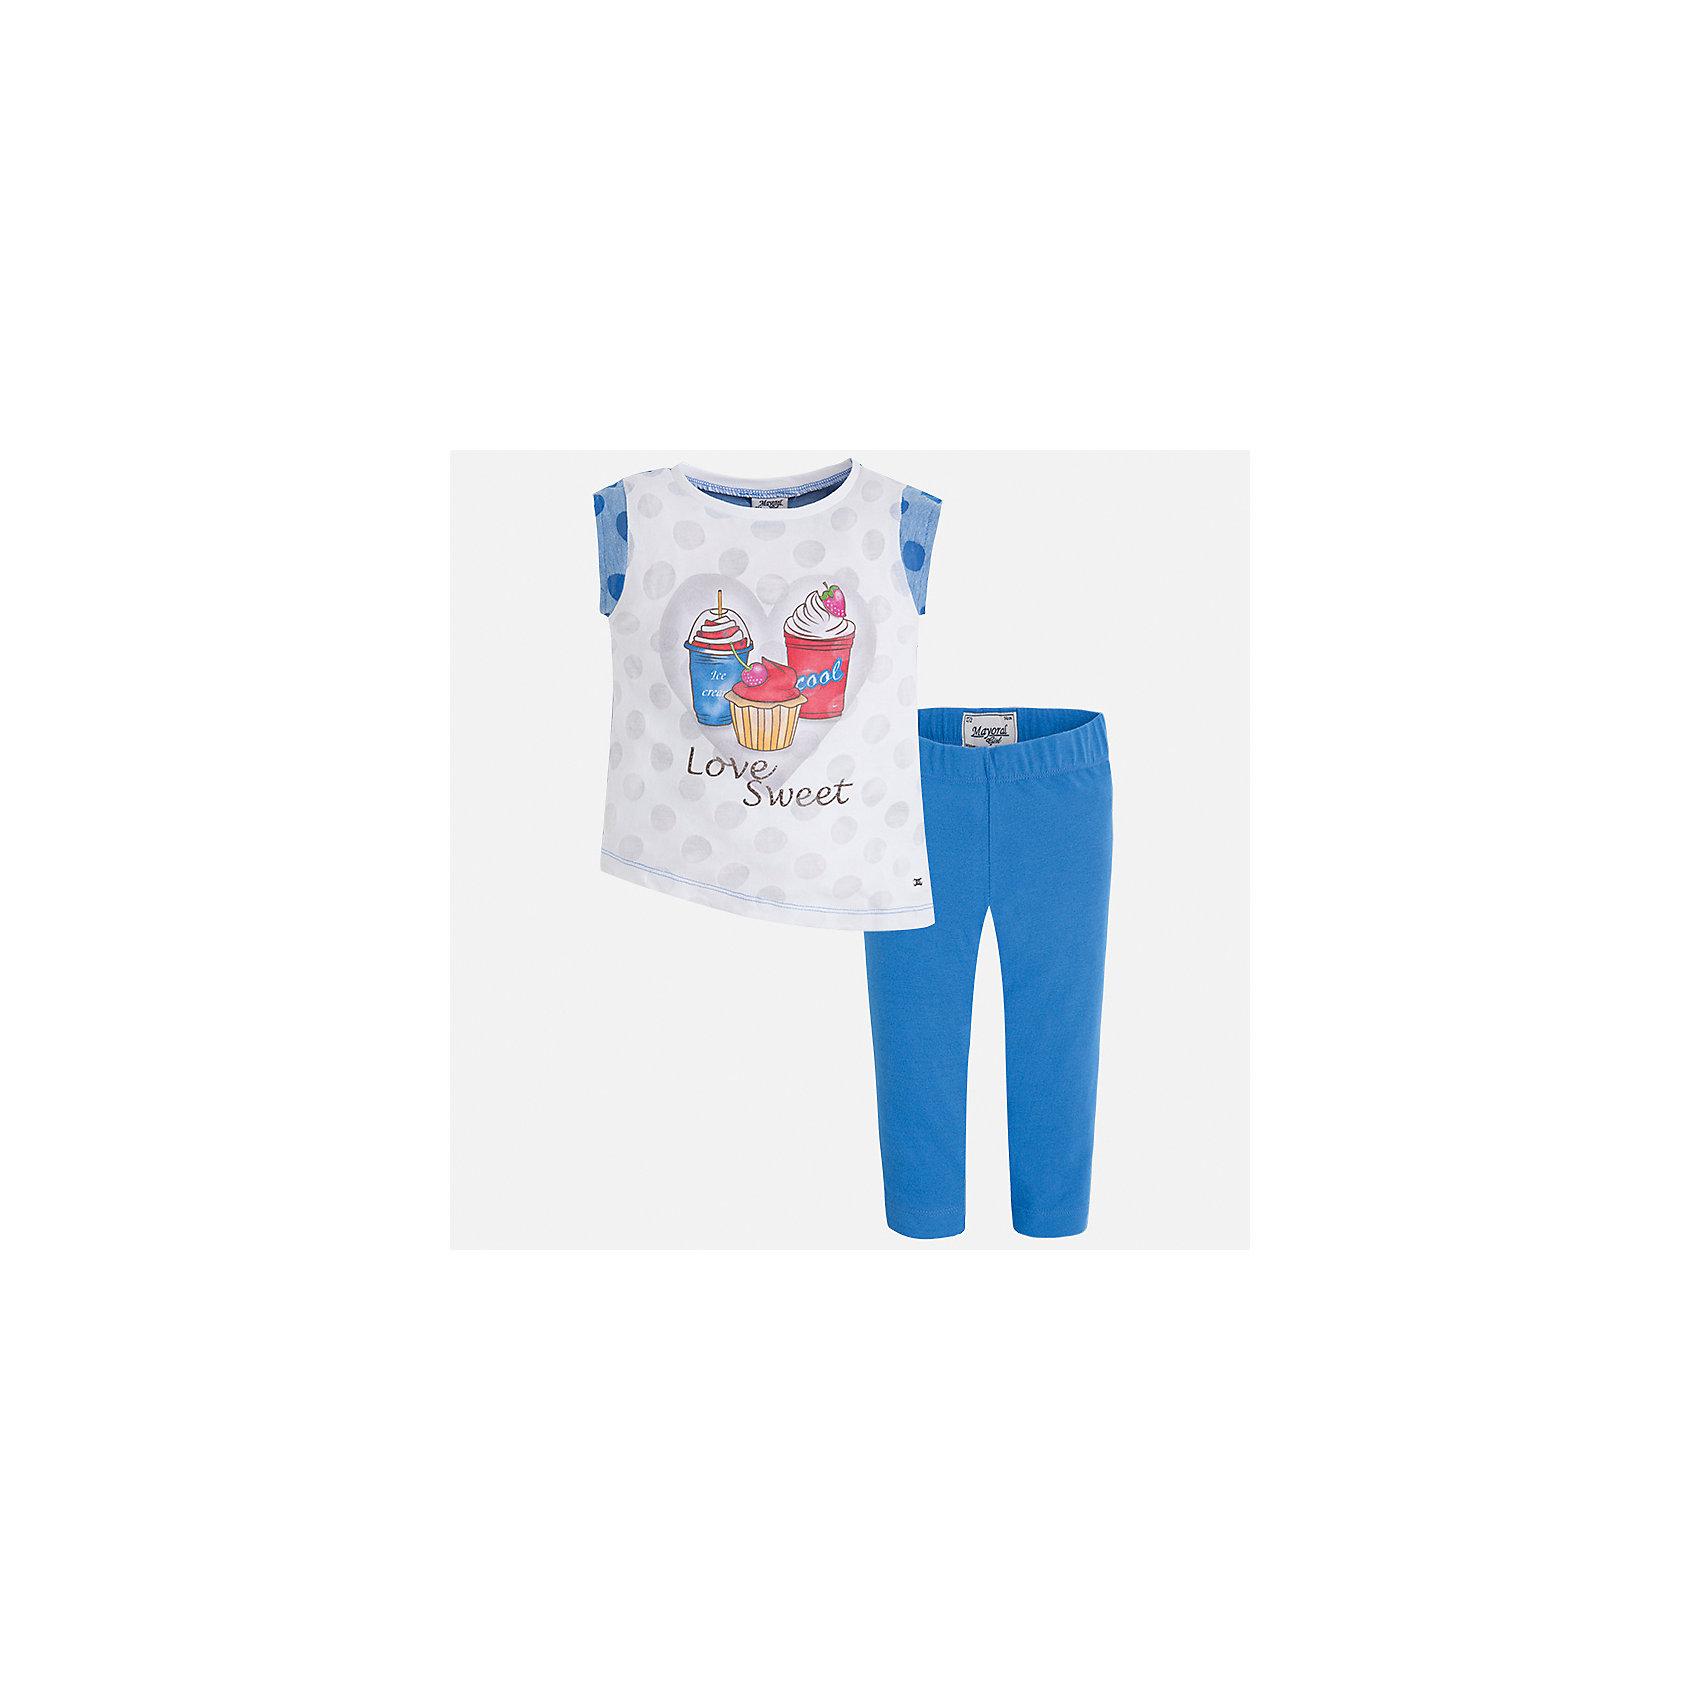 Комплект: футболка с длинным рукавом и бриджи для девочки MayoralКомплекты<br>Характеристики товара:<br><br>• цвет: голубой<br>• состав: 55% хлопок, 45% полиэстер<br>• комплектация: футболка, бриджи<br>• футболка декорирована принтом<br>• бриджи в клетку<br>• пояс на резинке<br>• страна бренда: Испания<br><br>Красивый качественный комплект для девочки поможет разнообразить гардероб ребенка и удобно одеться в теплую погоду. Он отлично сочетается с другими предметами. Универсальный цвет позволяет подобрать к вещам верхнюю одежду практически любой расцветки. Интересная отделка модели делает её нарядной и оригинальной. В составе материала - натуральный хлопок, гипоаллергенный, приятный на ощупь, дышащий.<br><br>Одежда, обувь и аксессуары от испанского бренда Mayoral полюбились детям и взрослым по всему миру. Модели этой марки - стильные и удобные. Для их производства используются только безопасные, качественные материалы и фурнитура. Порадуйте ребенка модными и красивыми вещами от Mayoral! <br><br>Комплект для девочки от испанского бренда Mayoral (Майорал) можно купить в нашем интернет-магазине.<br><br>Ширина мм: 191<br>Глубина мм: 10<br>Высота мм: 175<br>Вес г: 273<br>Цвет: синий<br>Возраст от месяцев: 96<br>Возраст до месяцев: 108<br>Пол: Женский<br>Возраст: Детский<br>Размер: 92,98,104,110,116,122,128,134<br>SKU: 5290398